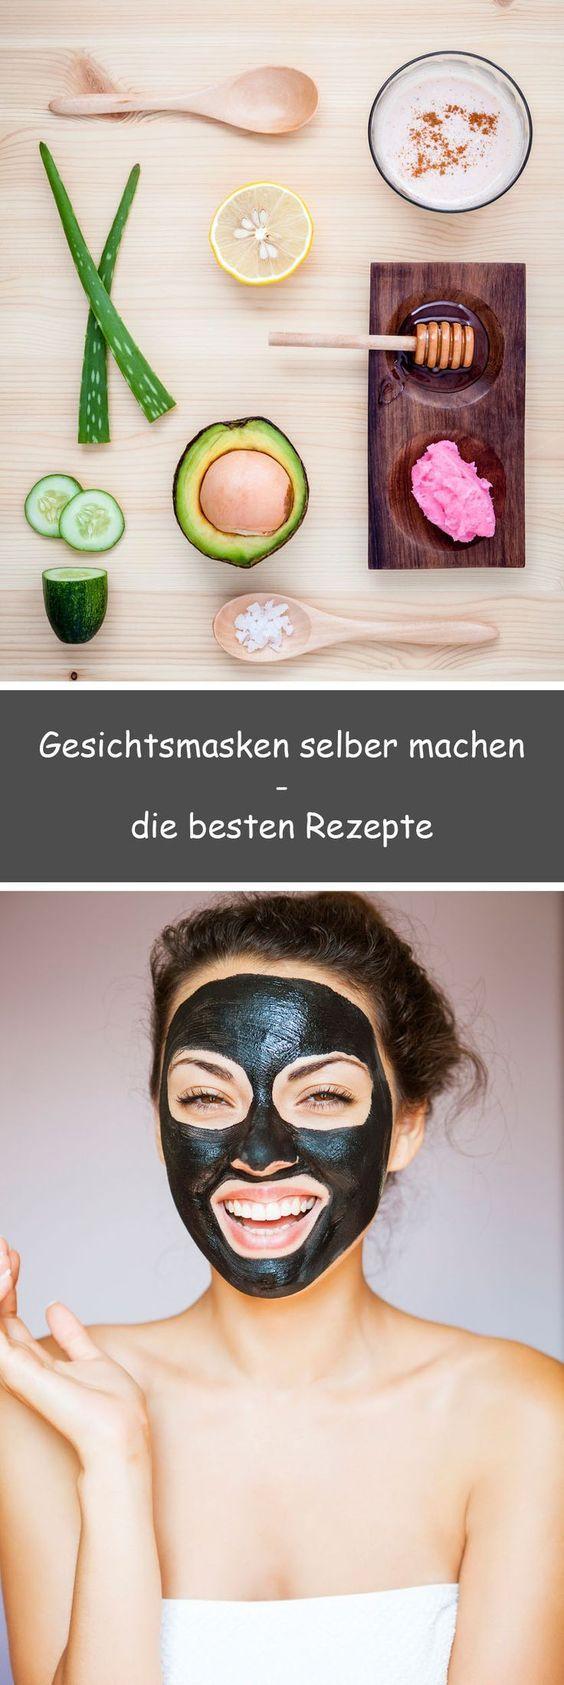 Machen Sie sich Gesichtsmasken. • Schnelle Rezepte – gesichtsmasken